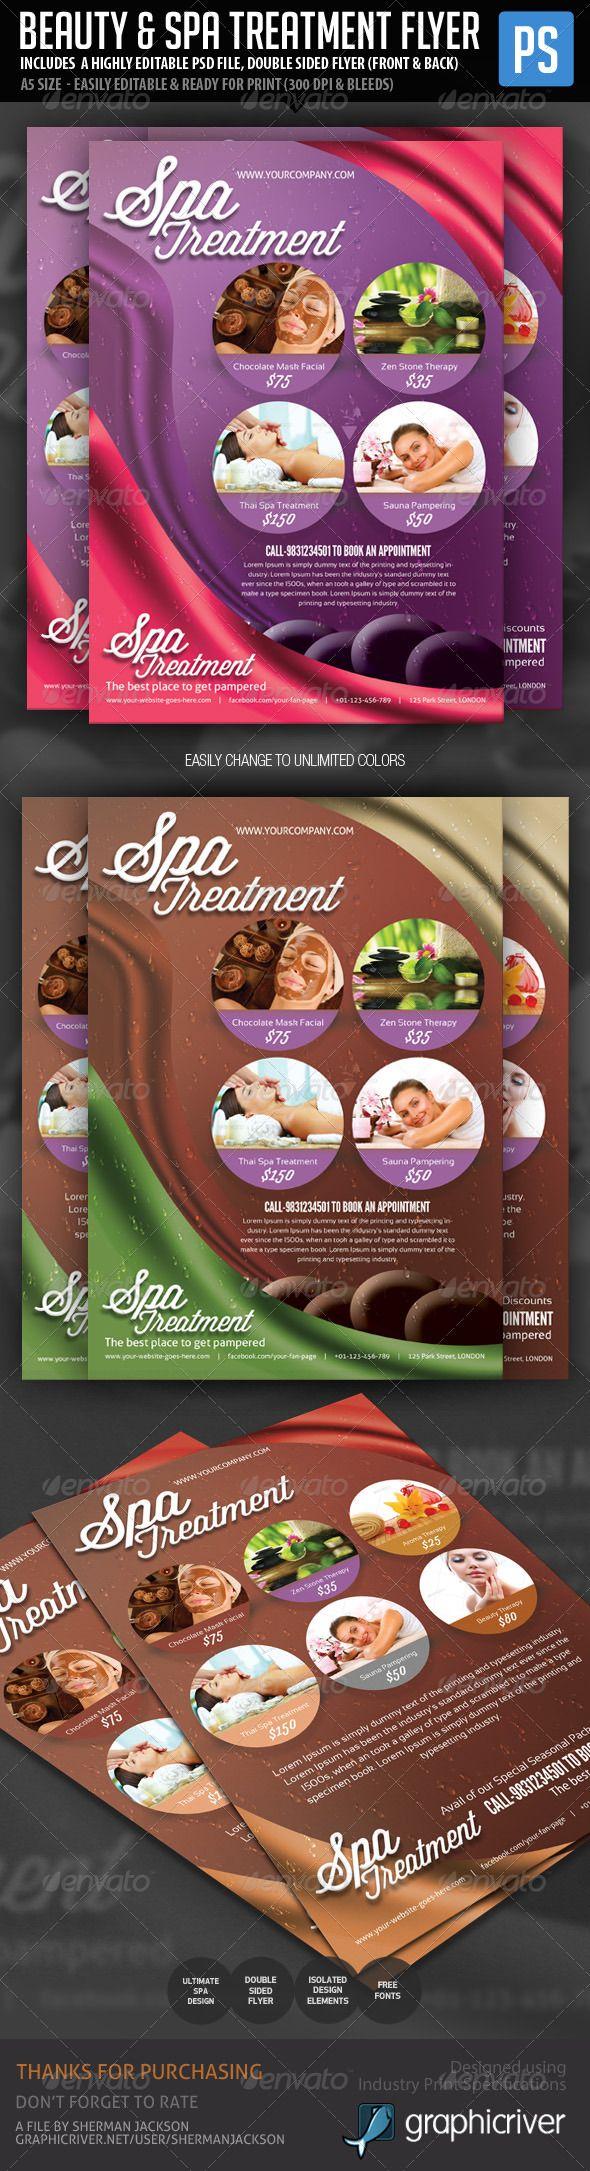 Beauty & Spa Treatment Flyer